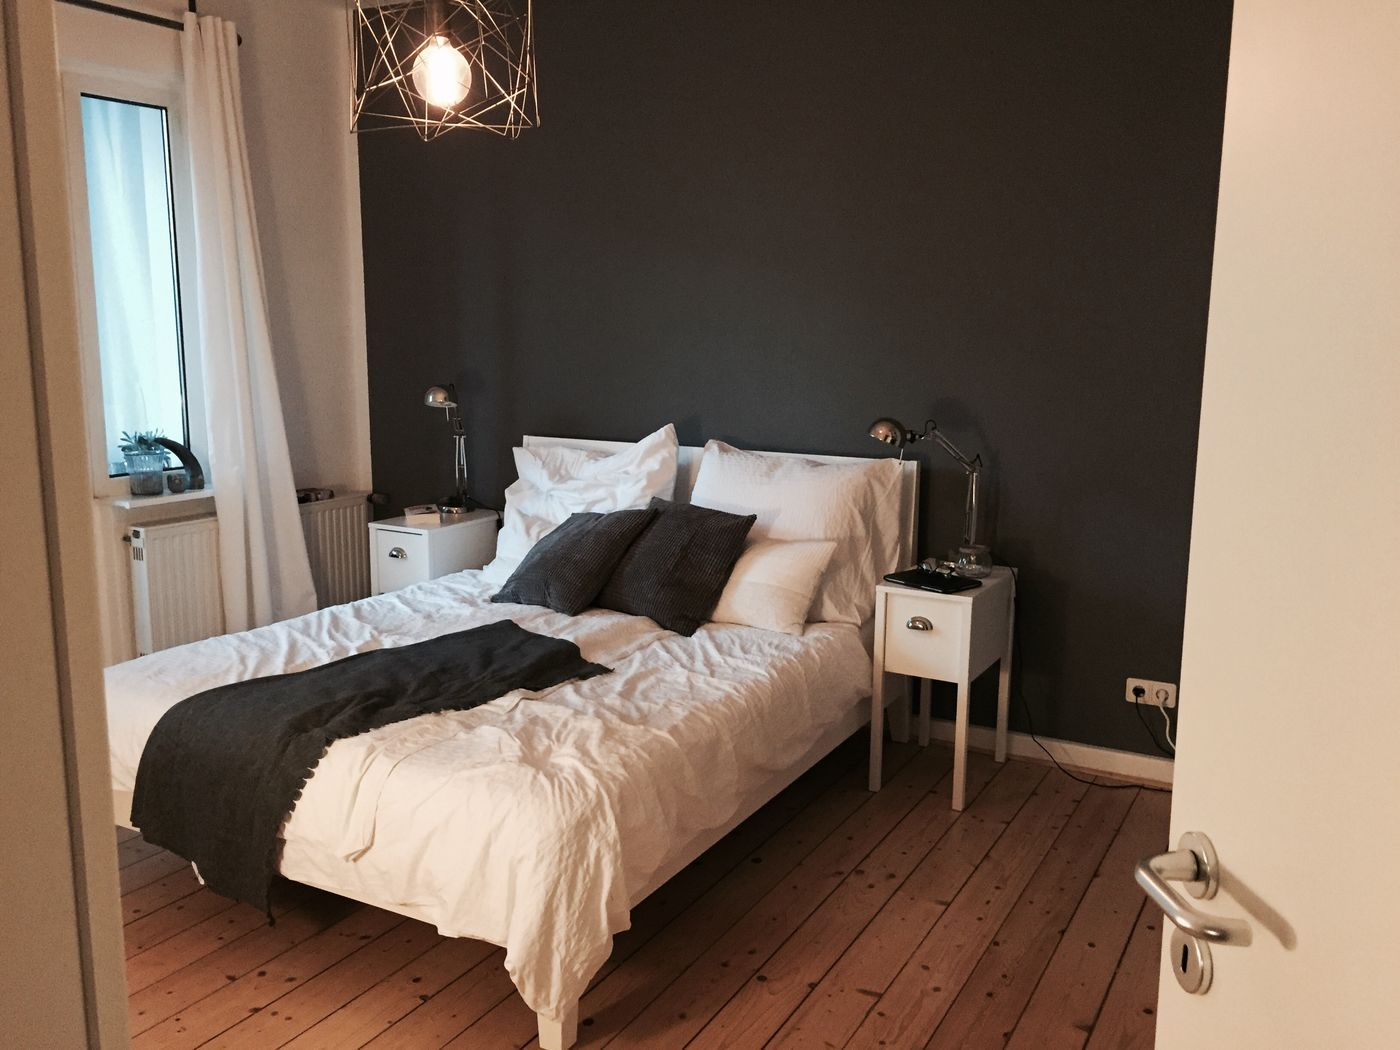 wandfarbe im schlafzimmer freistehende badewanne im schlafzimmer bettdecken qvc test ikea wohn. Black Bedroom Furniture Sets. Home Design Ideas